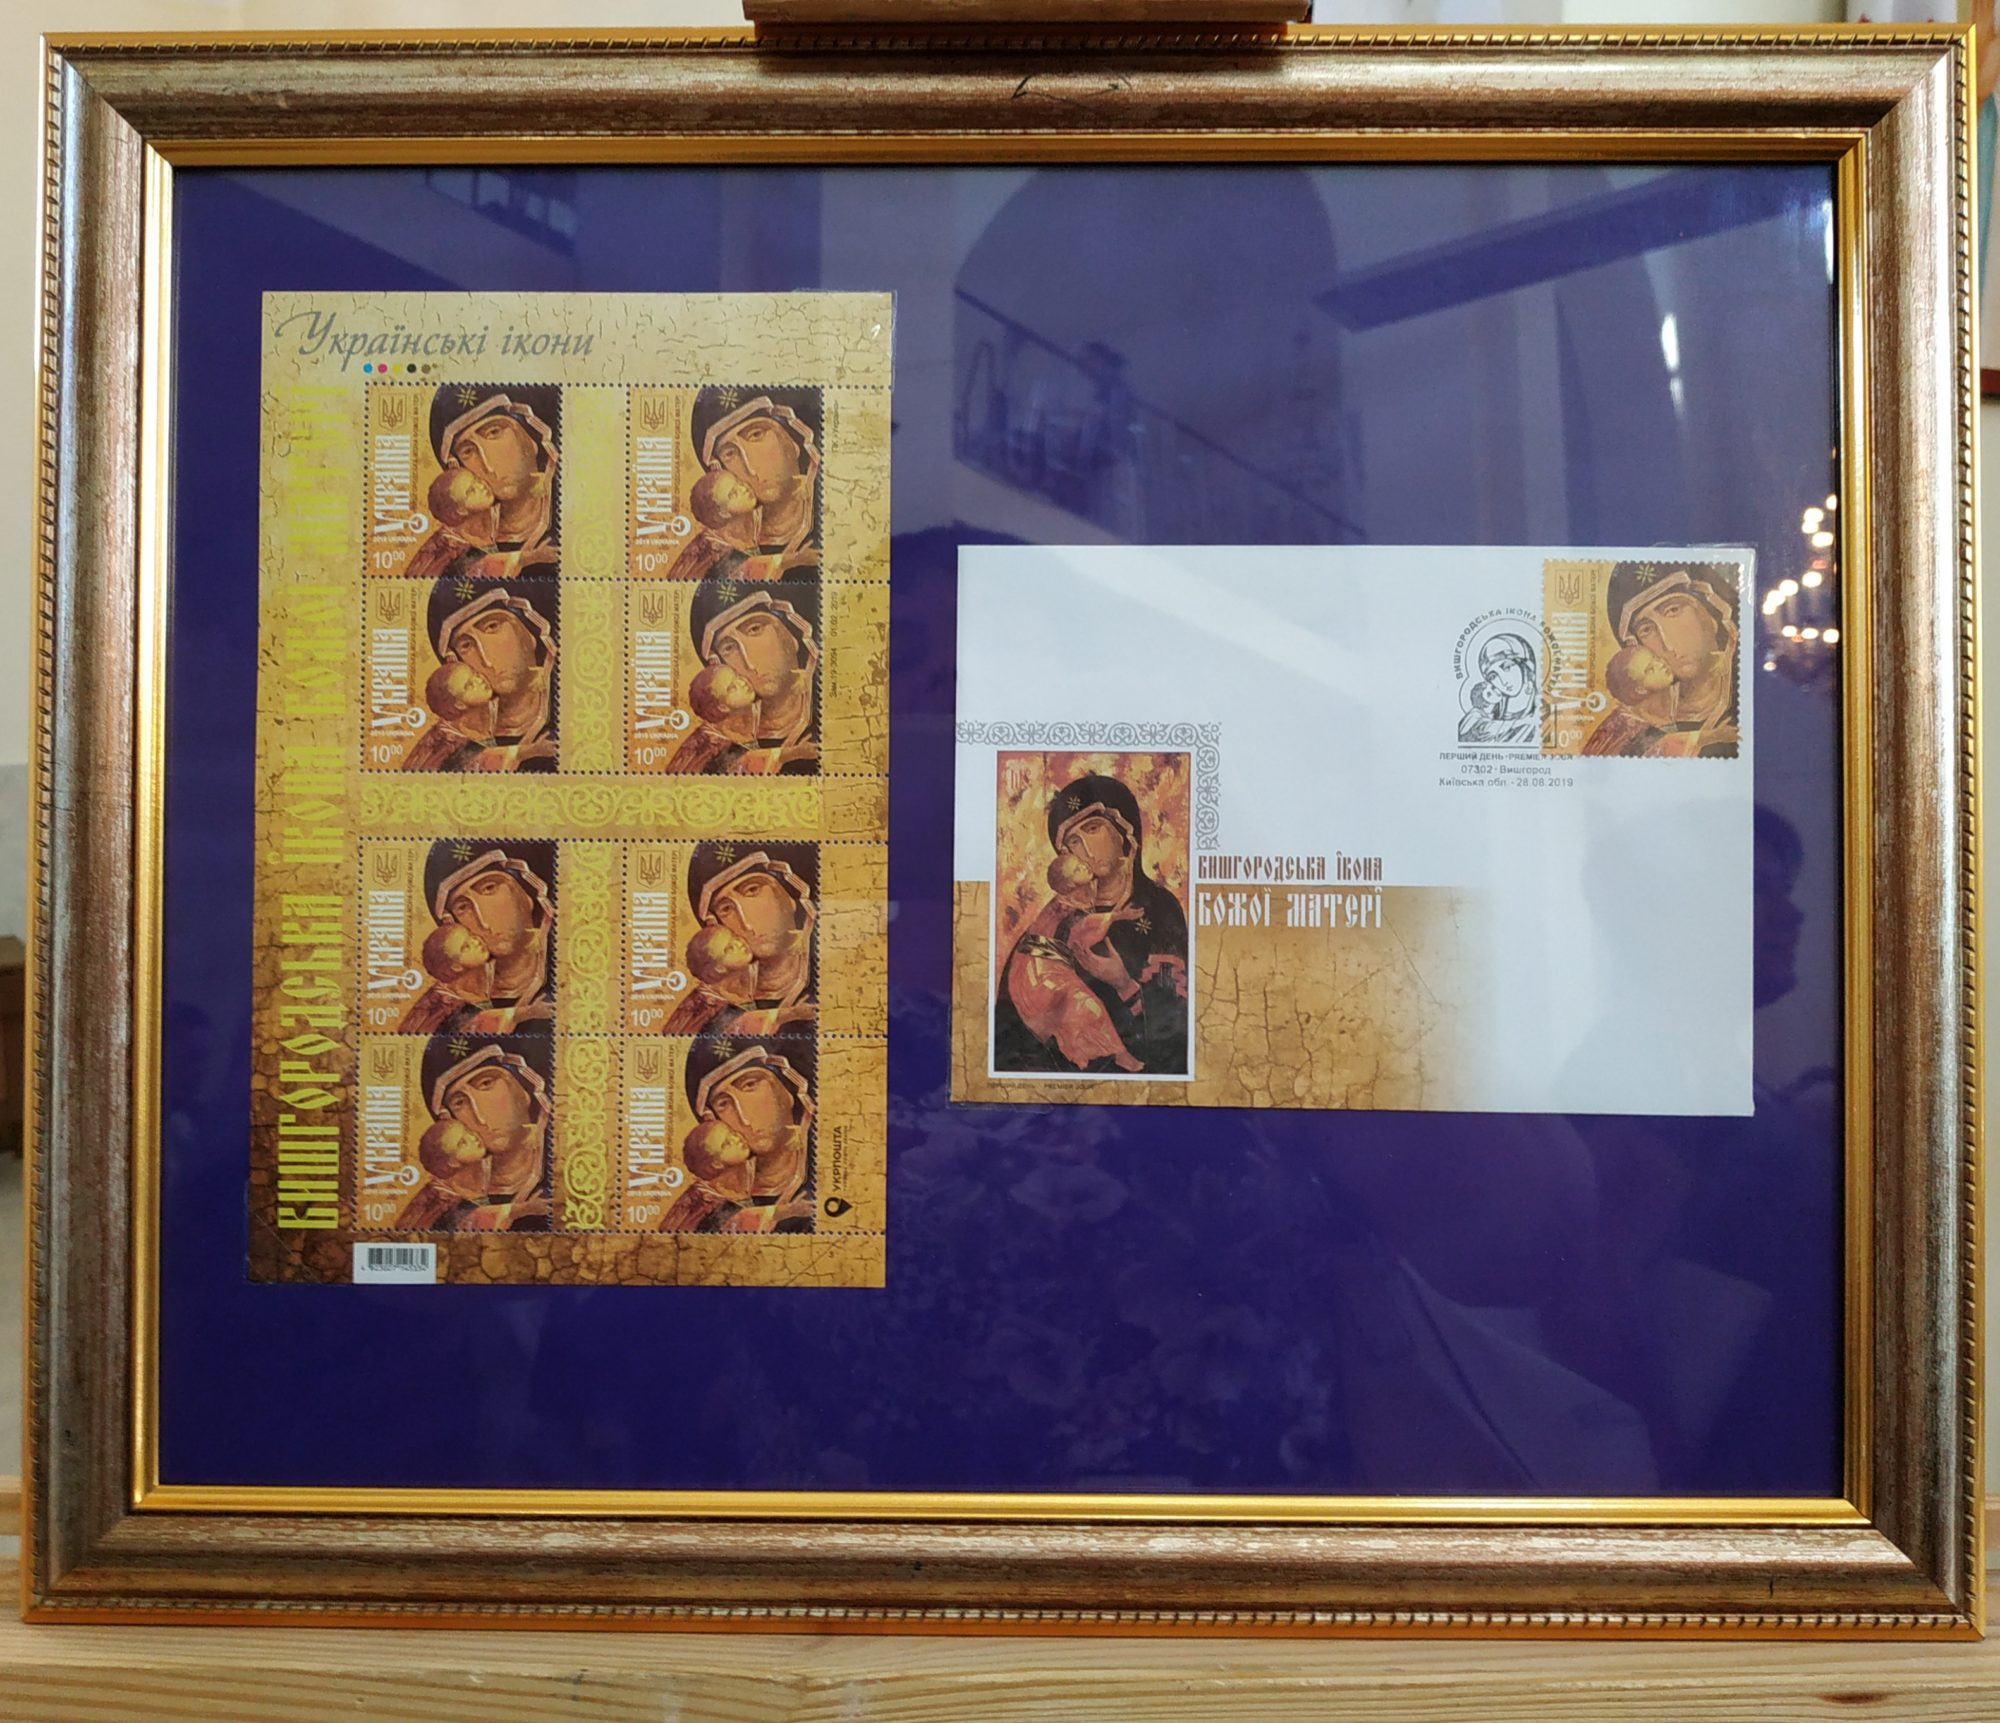 Нині триває спецпогашення поштової марки «Вишгородська ікона Божої Матері» - Укрпошта, Презентація, поштова марка, київщина, Вишгород - 0828 Marka pid sklom 2000x1723